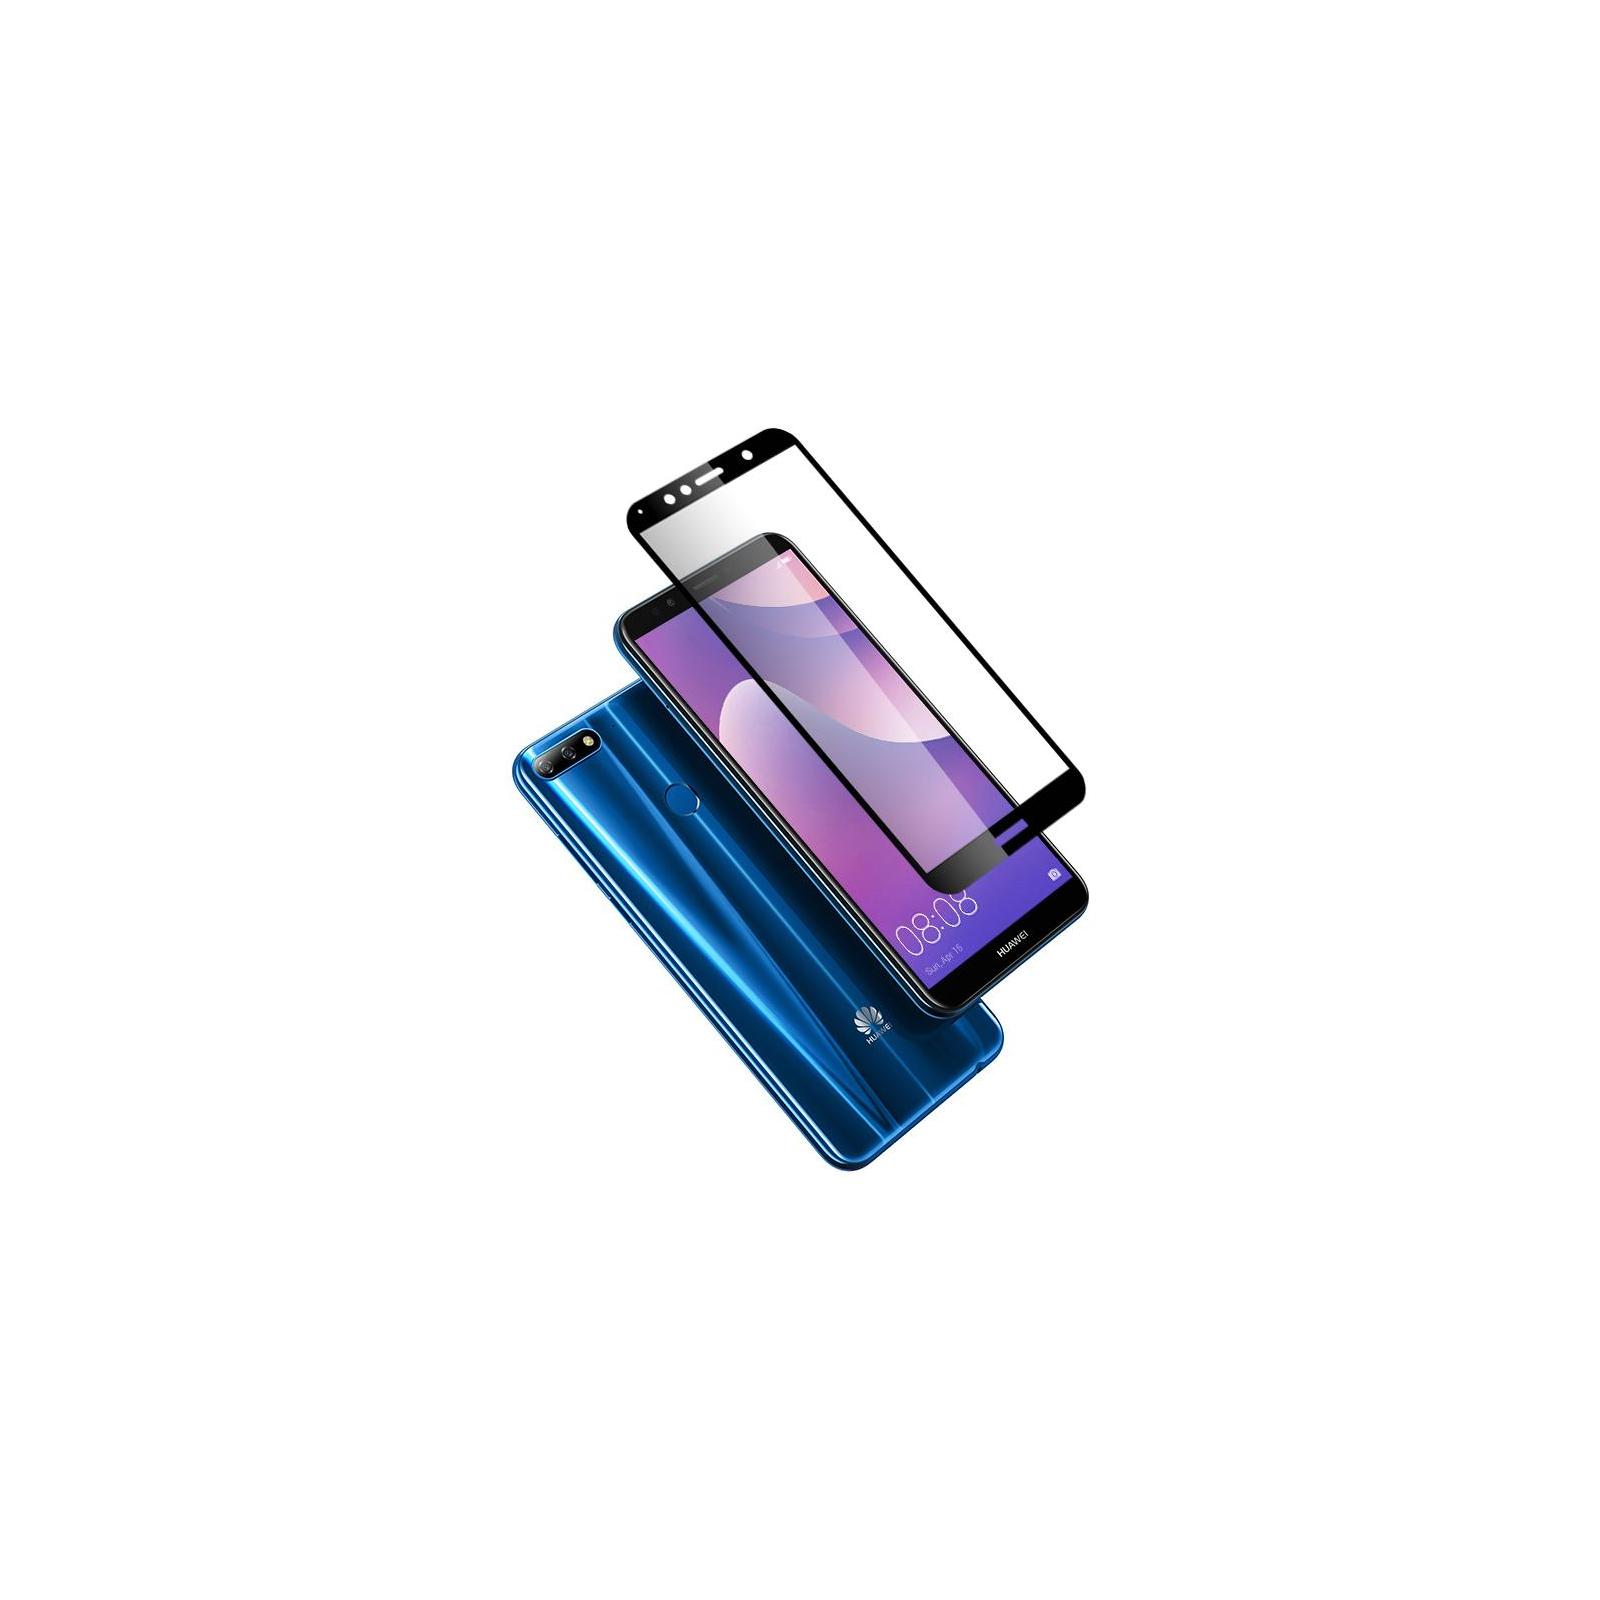 Стекло защитное Vinga для Huawei Y6 2018 (Black) (VTPGS-Y62018) изображение 2